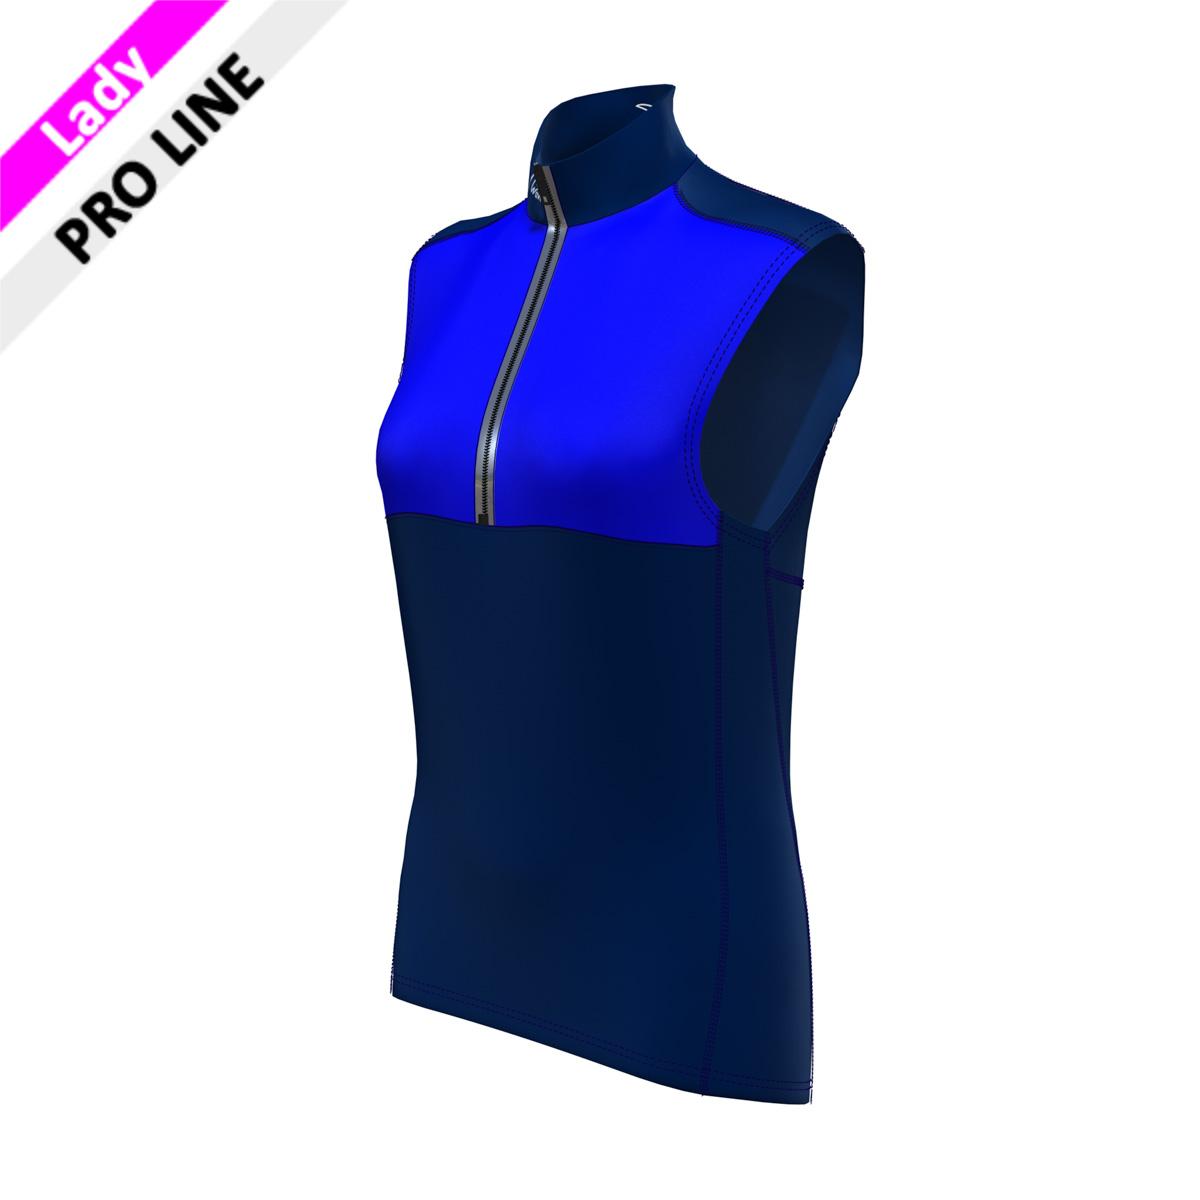 Pro Vest Lady - marine / royal  (Kragen, Bauch, Rücken, Seitenstreifen - marine; Brust royal)